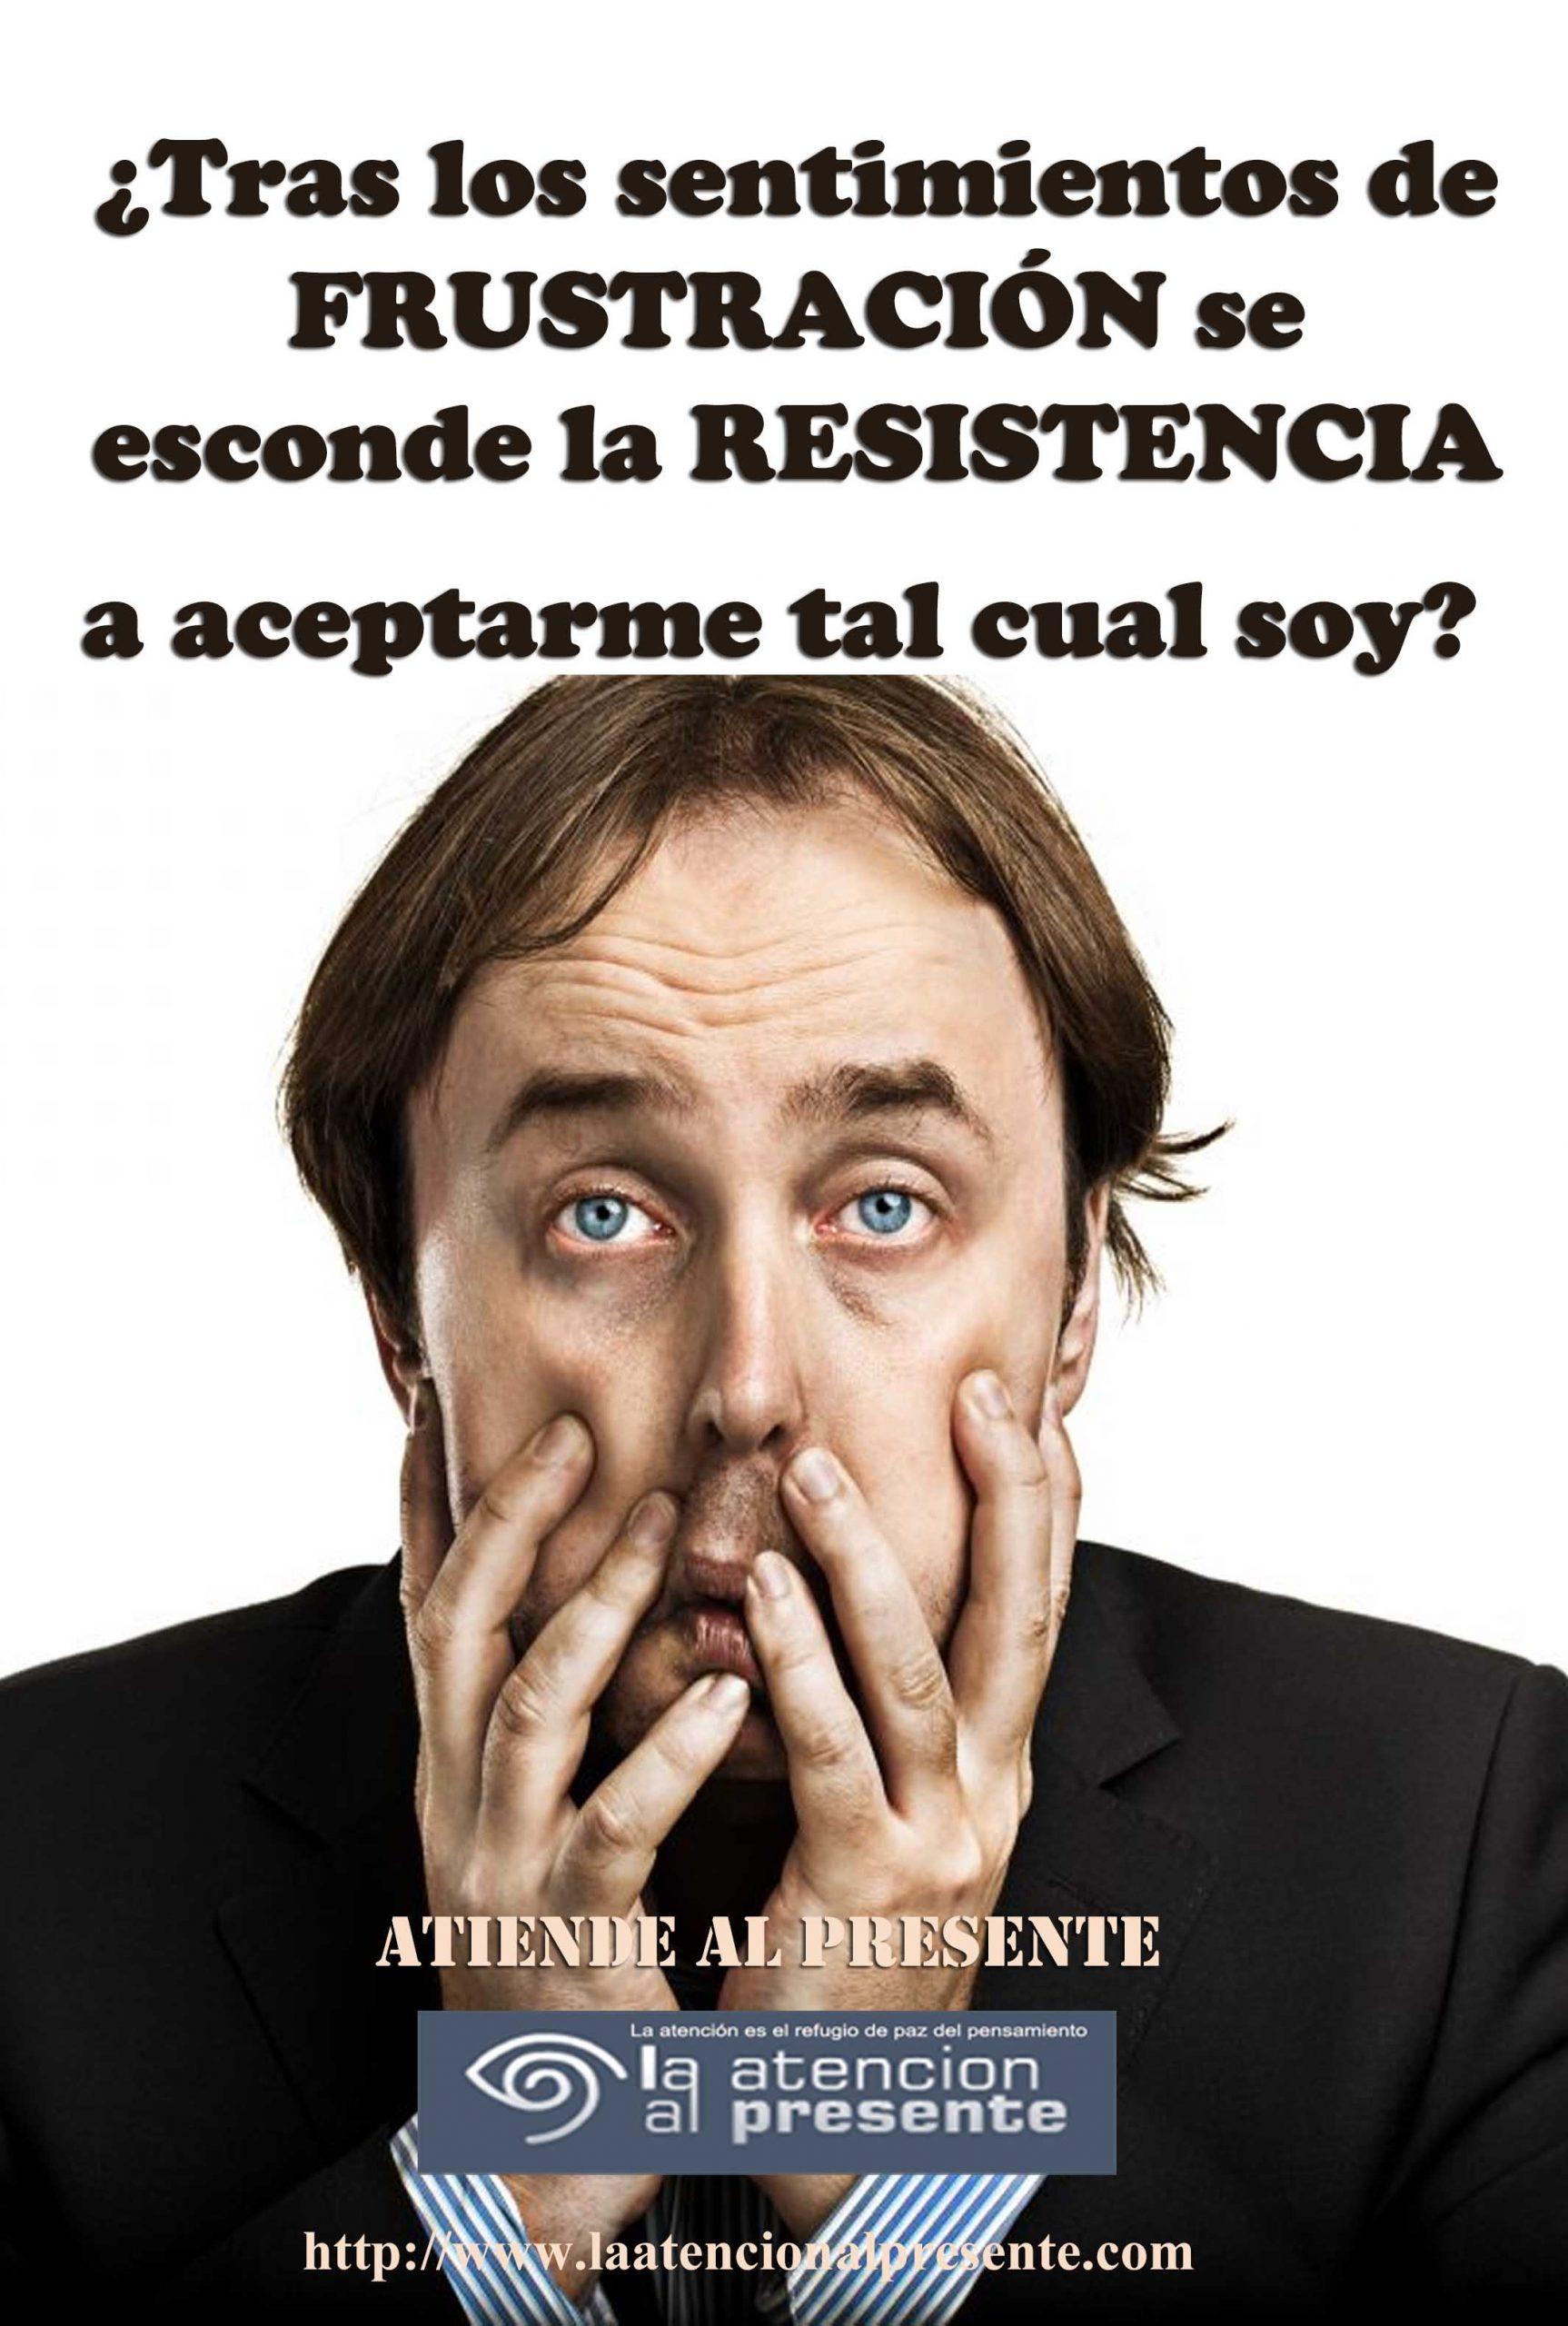 15 de junio Isa Tras los sentimientos de FRUSTRACIÓN se esconde la RESISTENCIA a no aceptarme tal cual soy min scaled